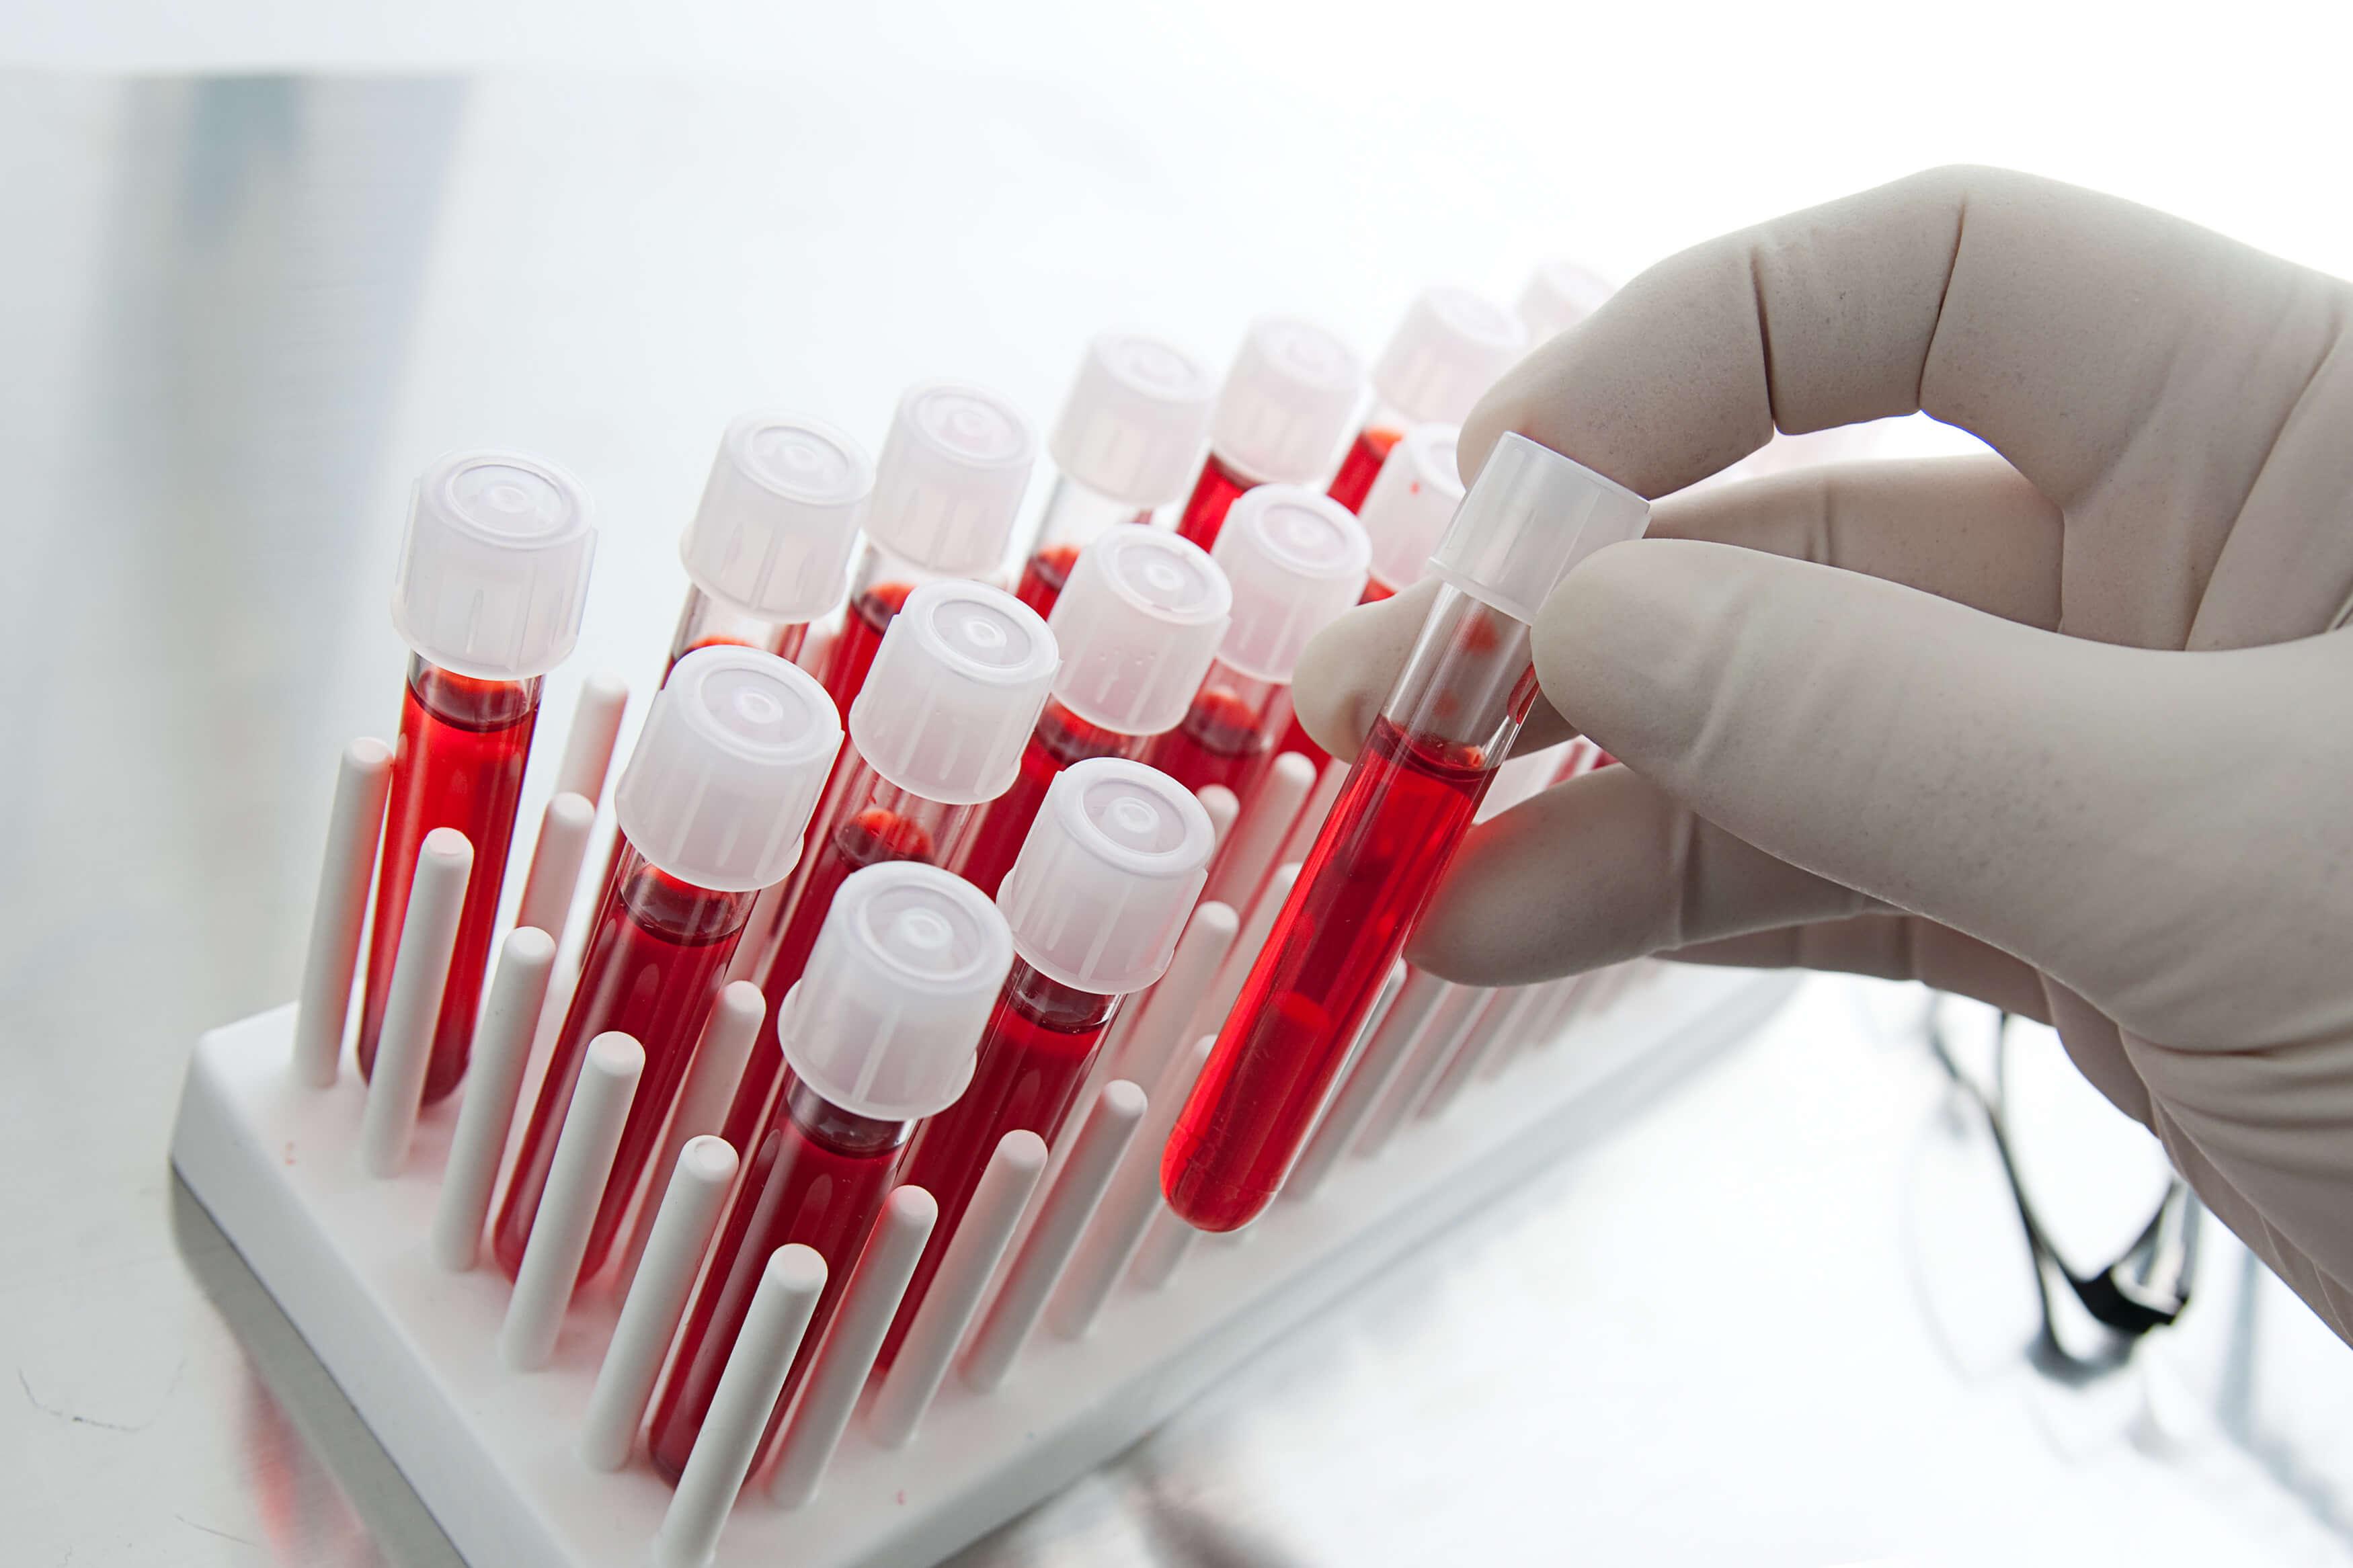 Специалист делает анализ крови на венерологические заболевания